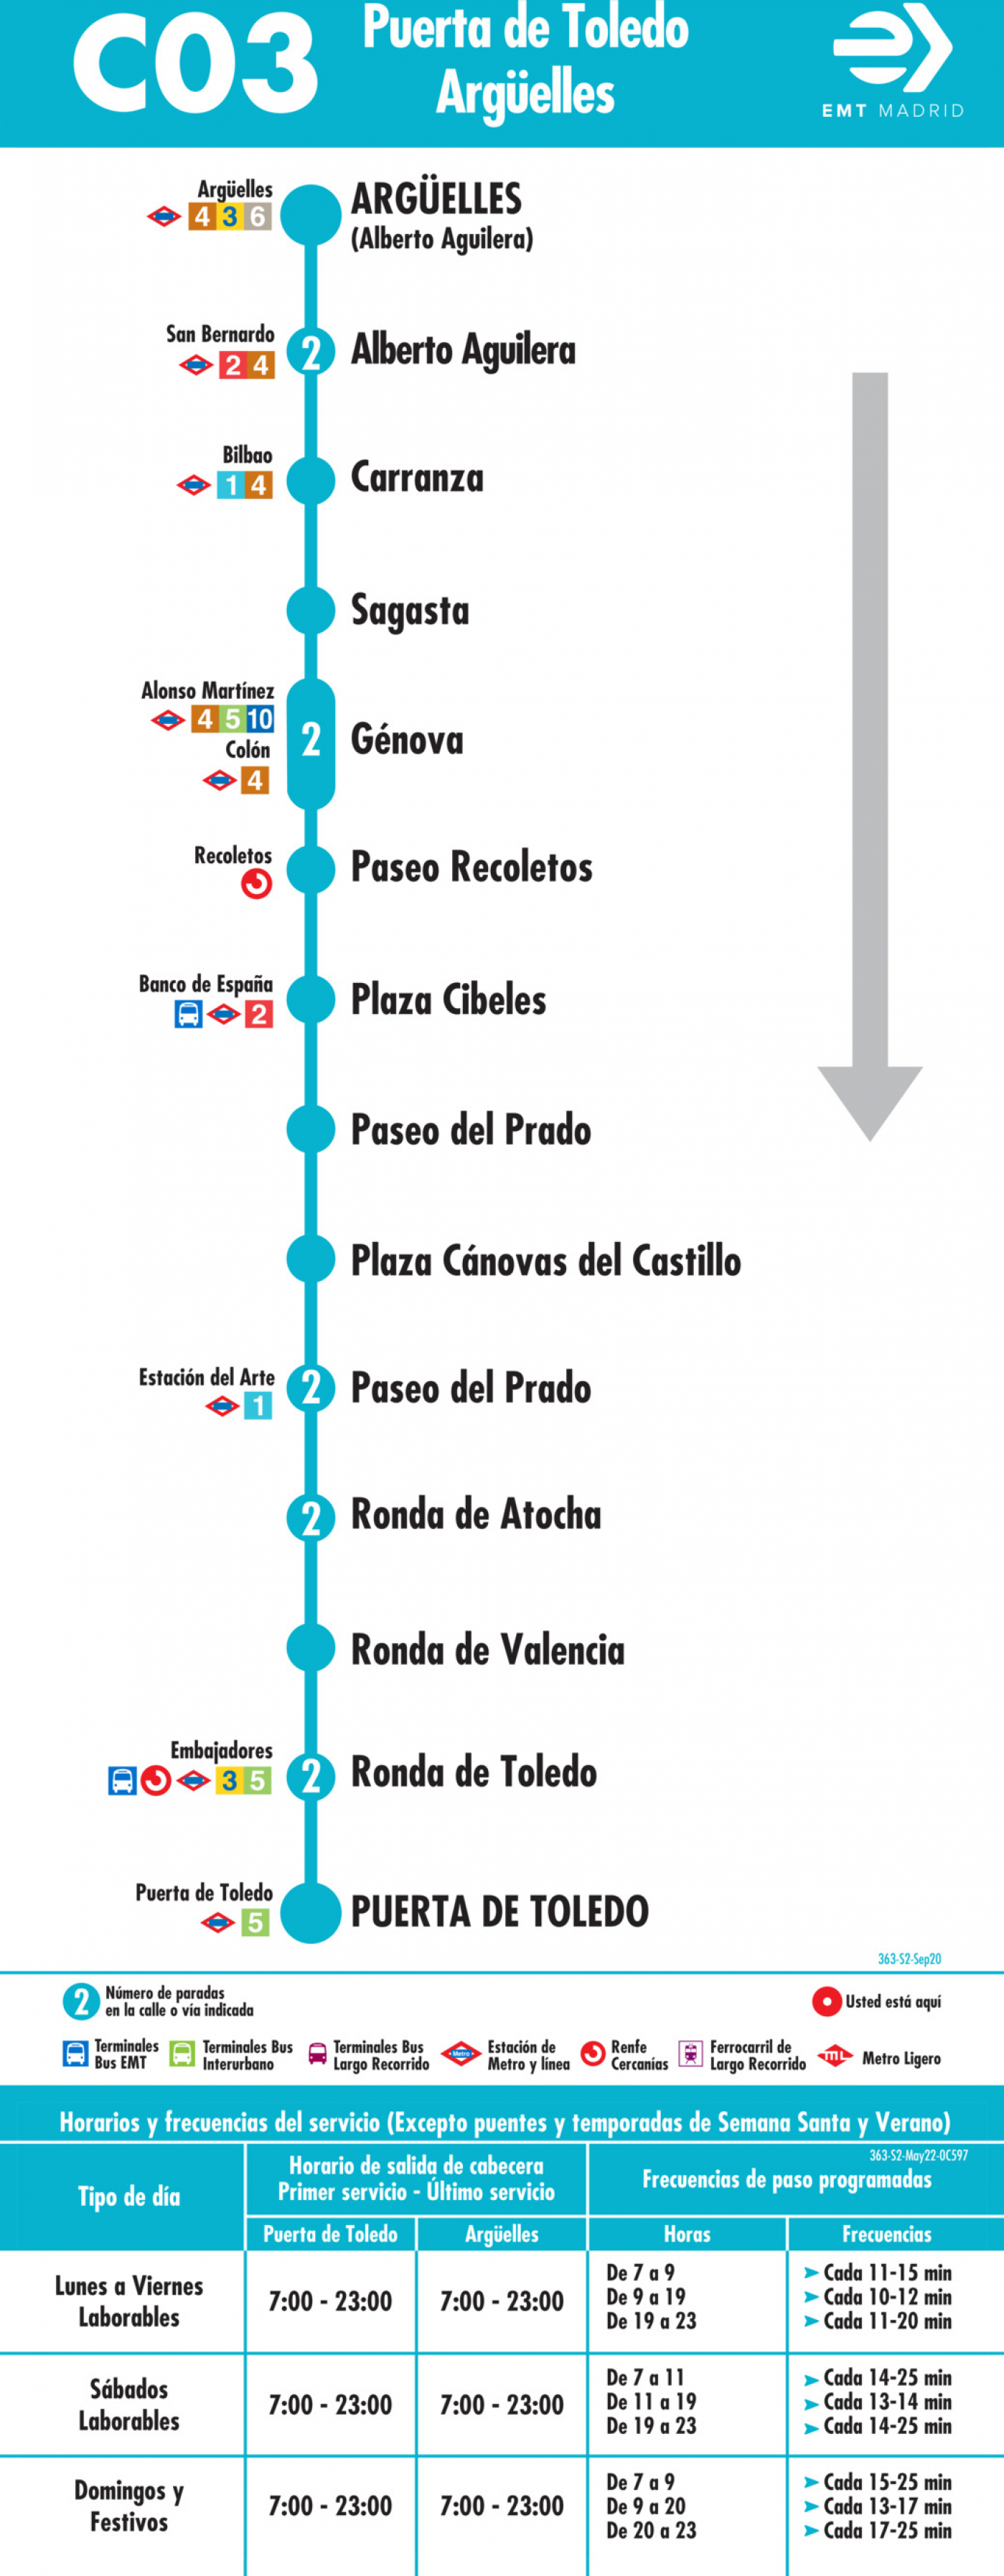 Tabla de horarios y frecuencias de paso en sentido vuelta Línea C03: Puerta de Toledo - Argüelles